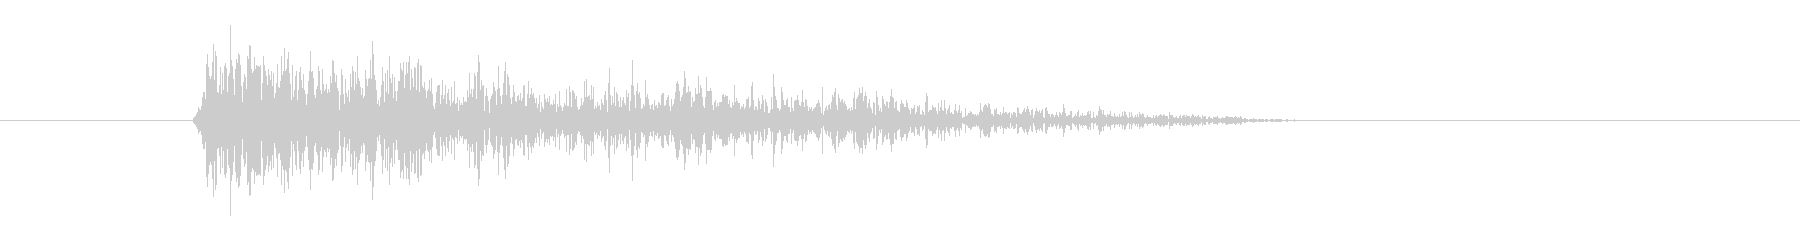 レーザー音-35-3の未再生の波形